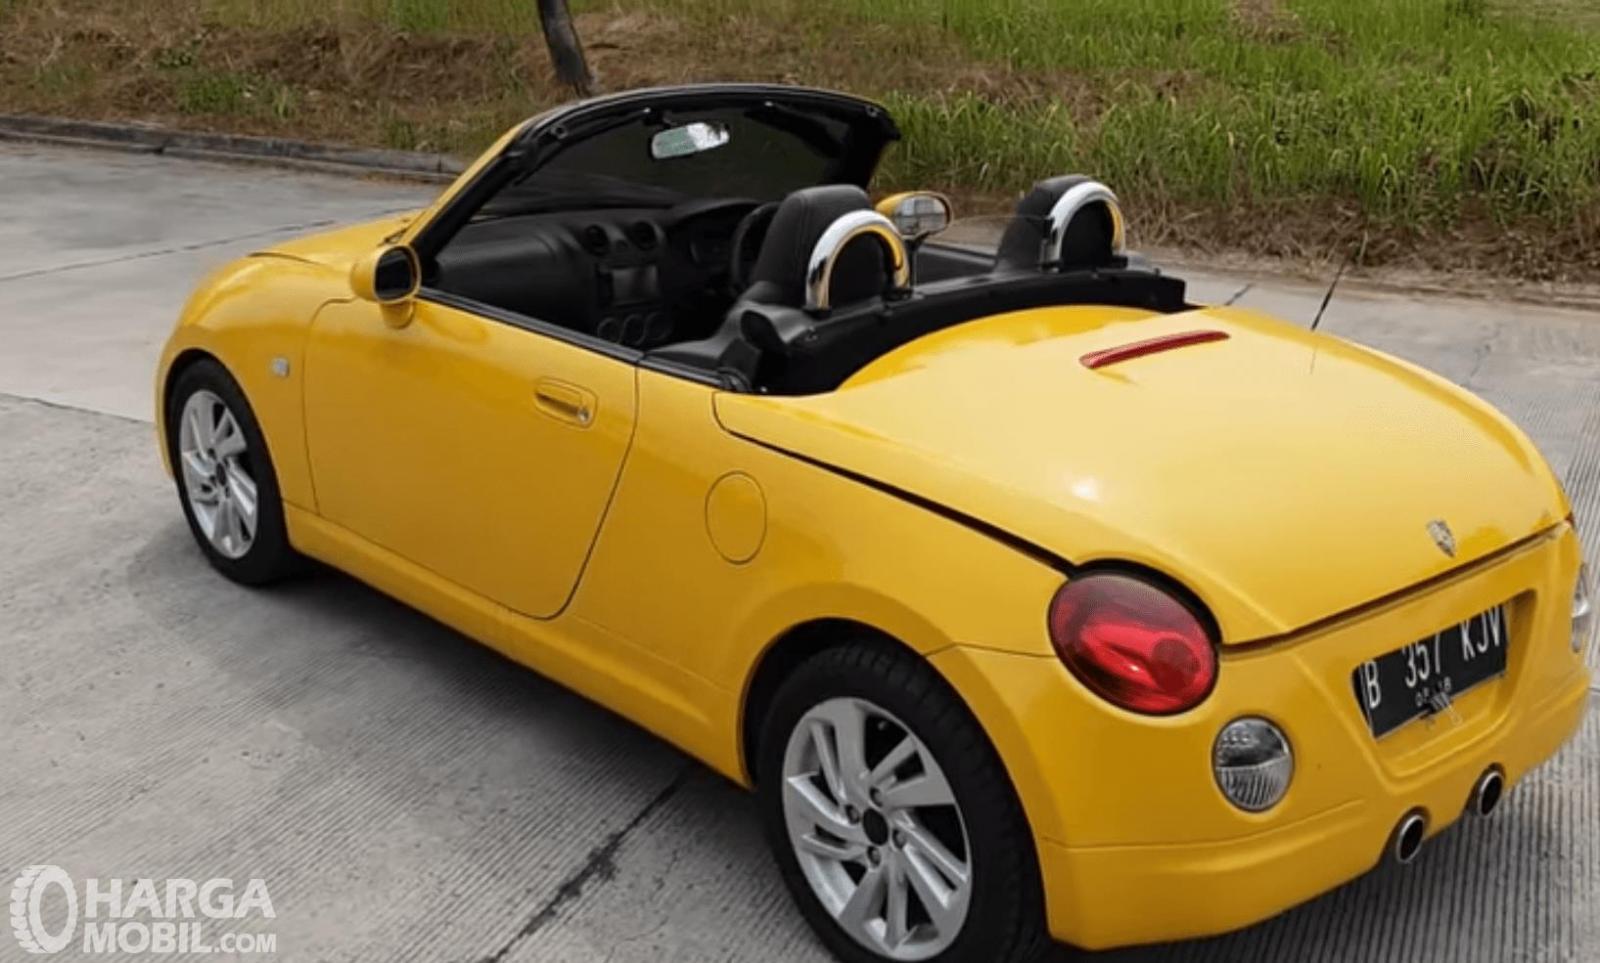 Gambar ini menunjukkan mobil Daihatsu Copen 2003 : tampak belakang dan sam[ping kiri